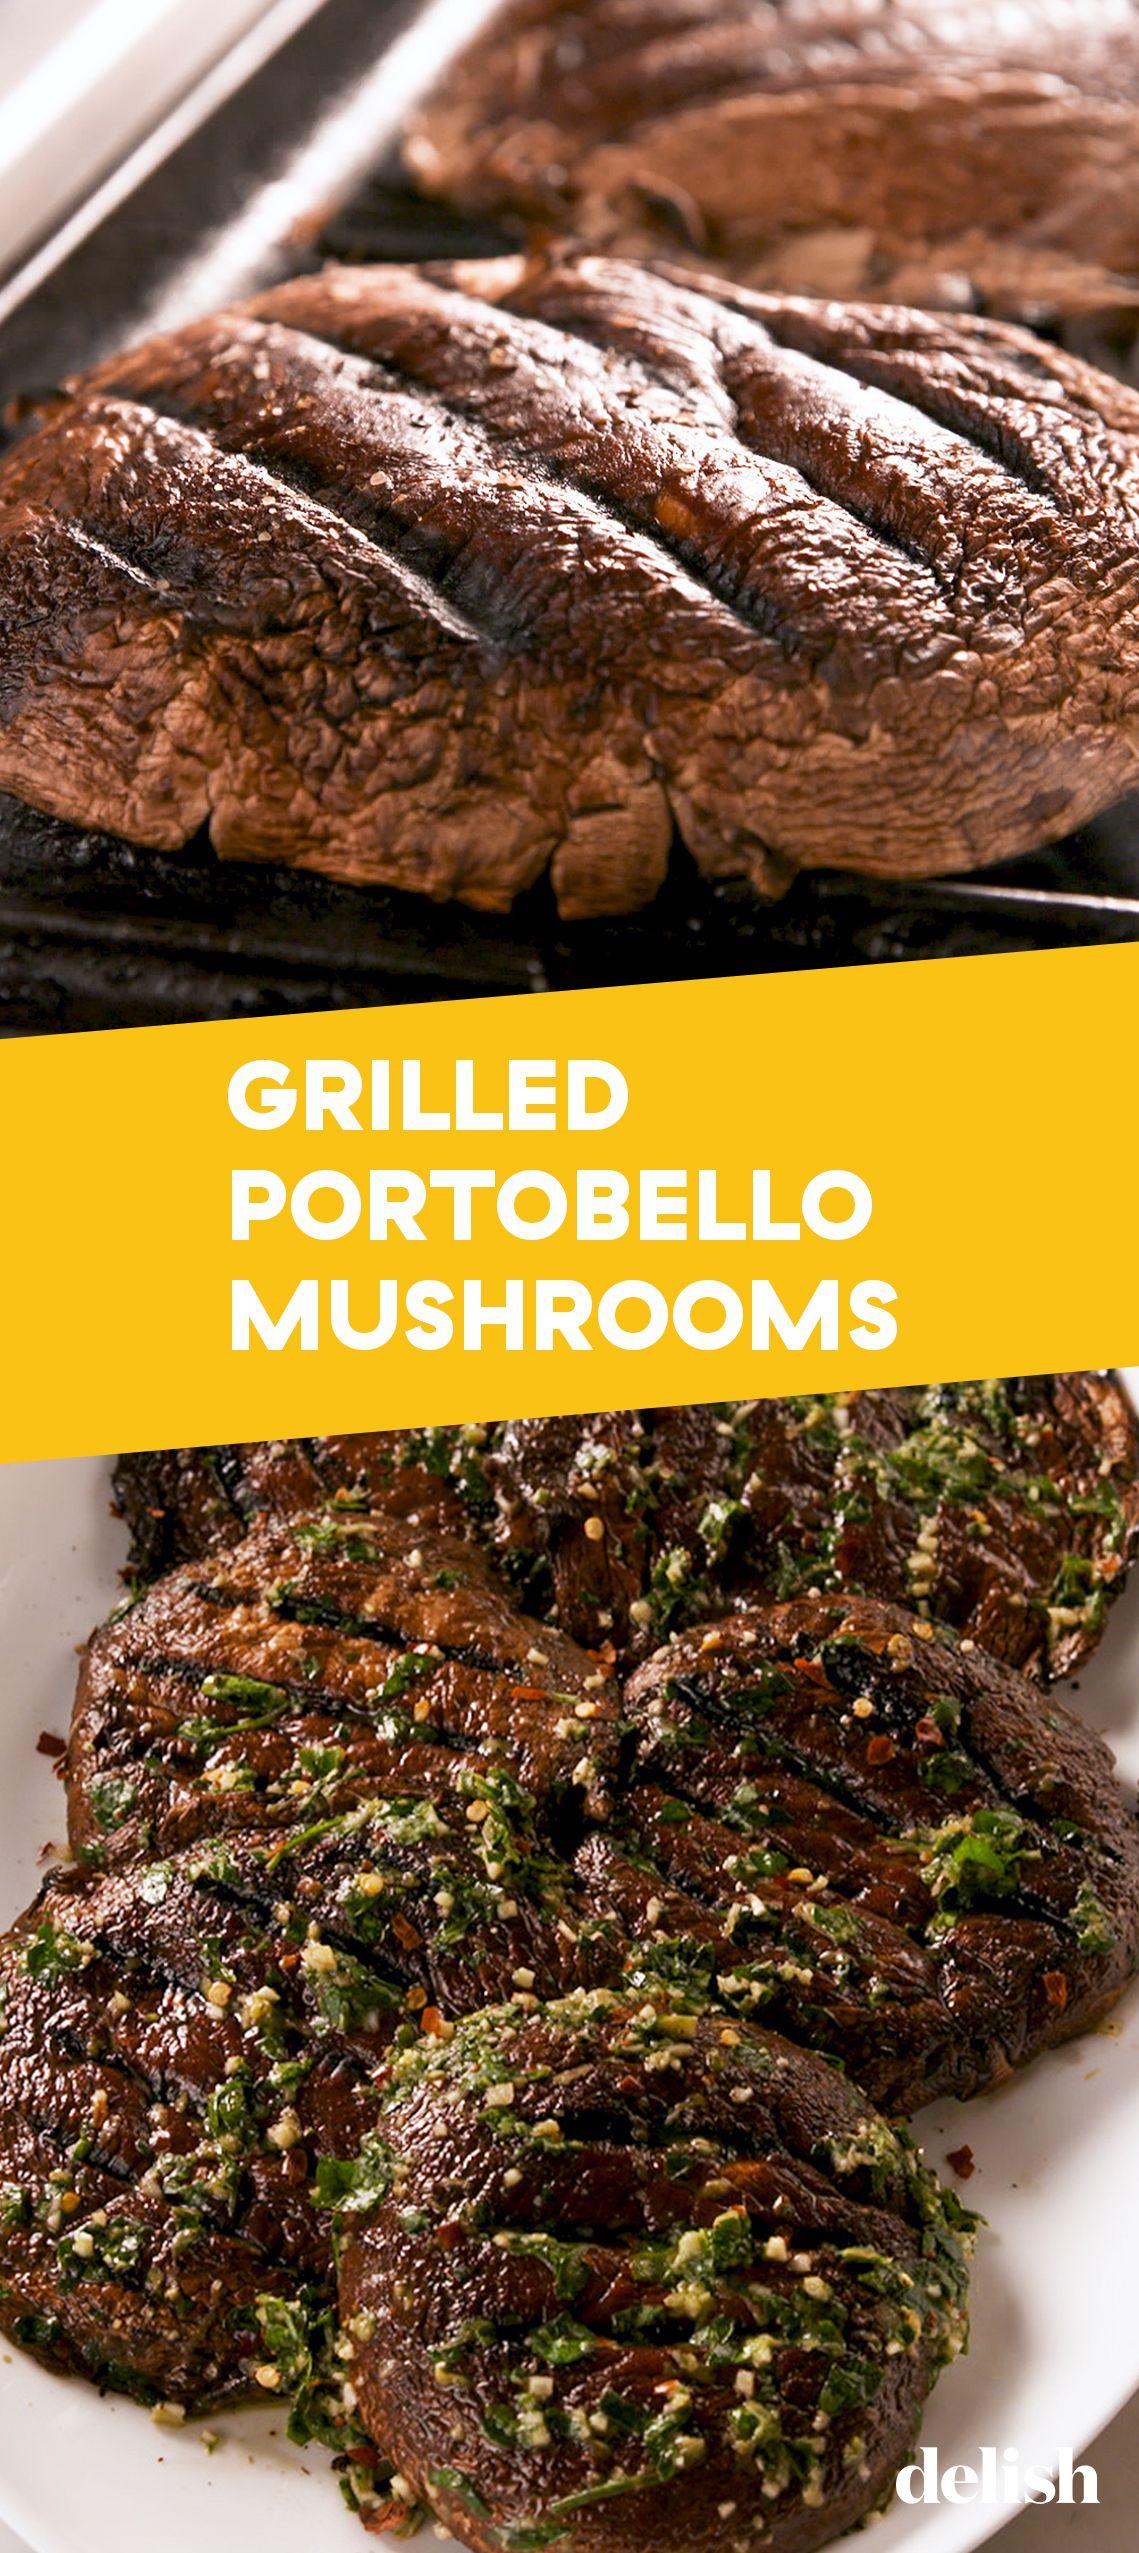 Grilled Portobello Mushrooms images